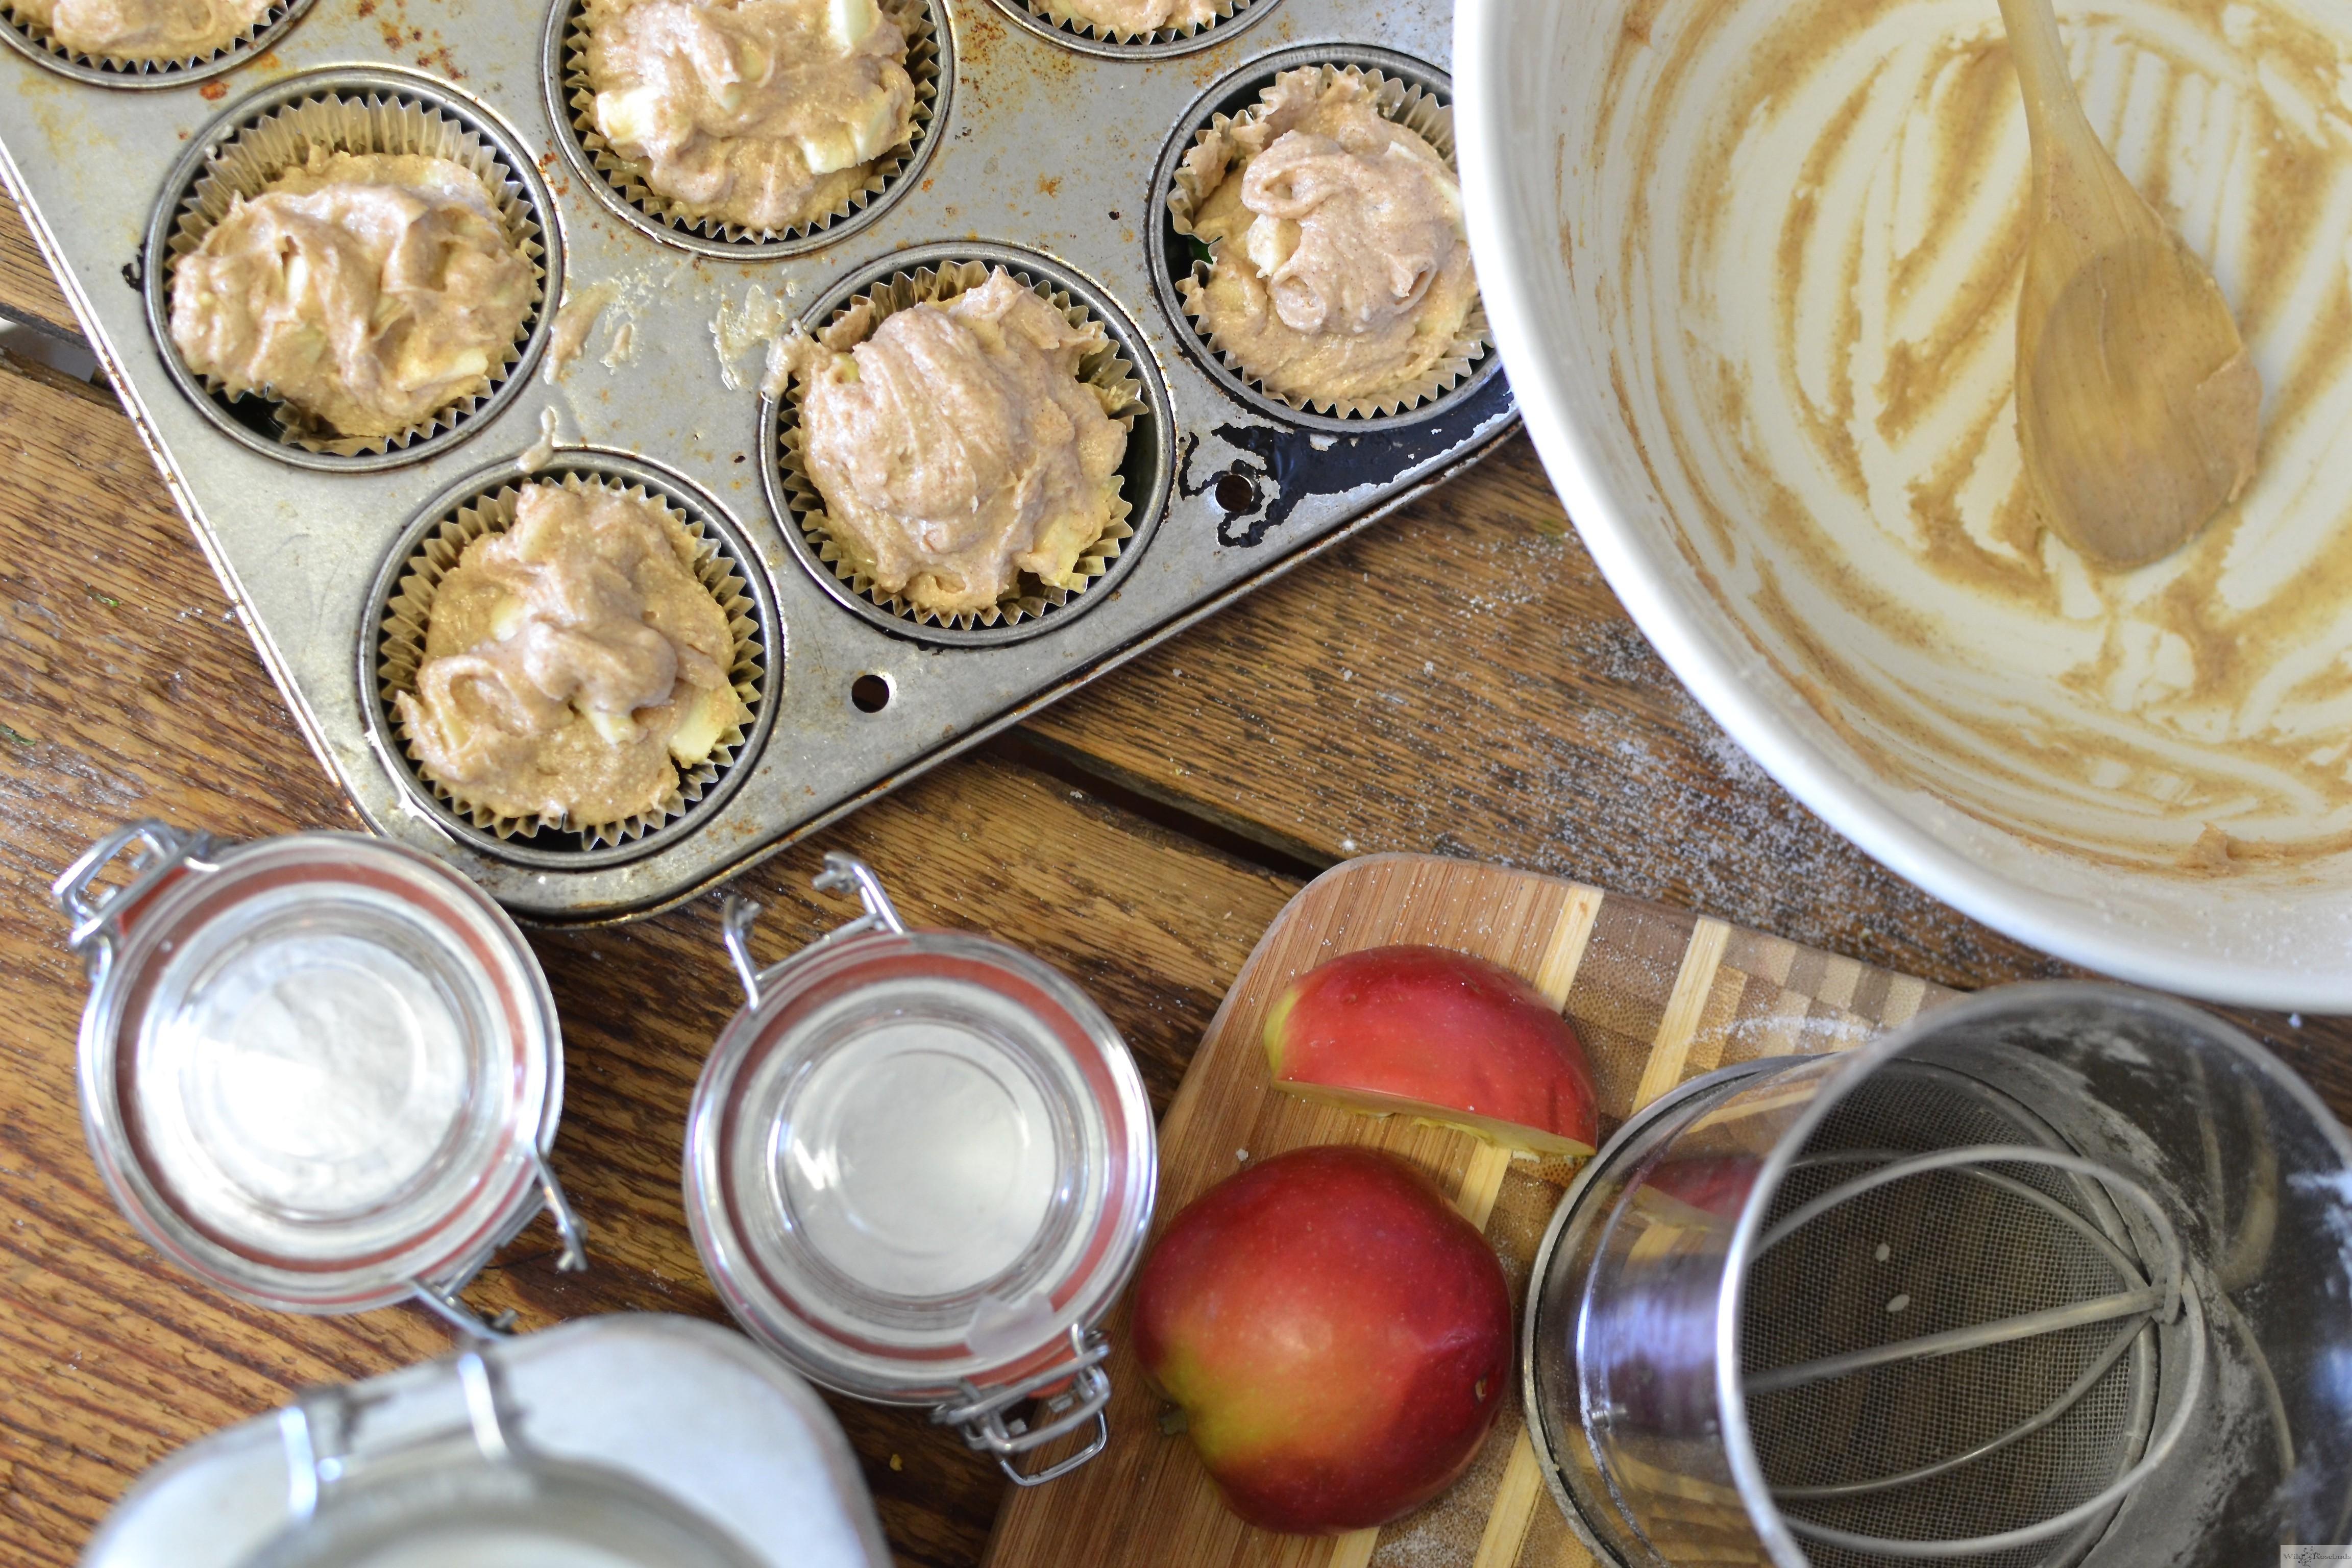 Tastings: Apple Cinnamon Muffins